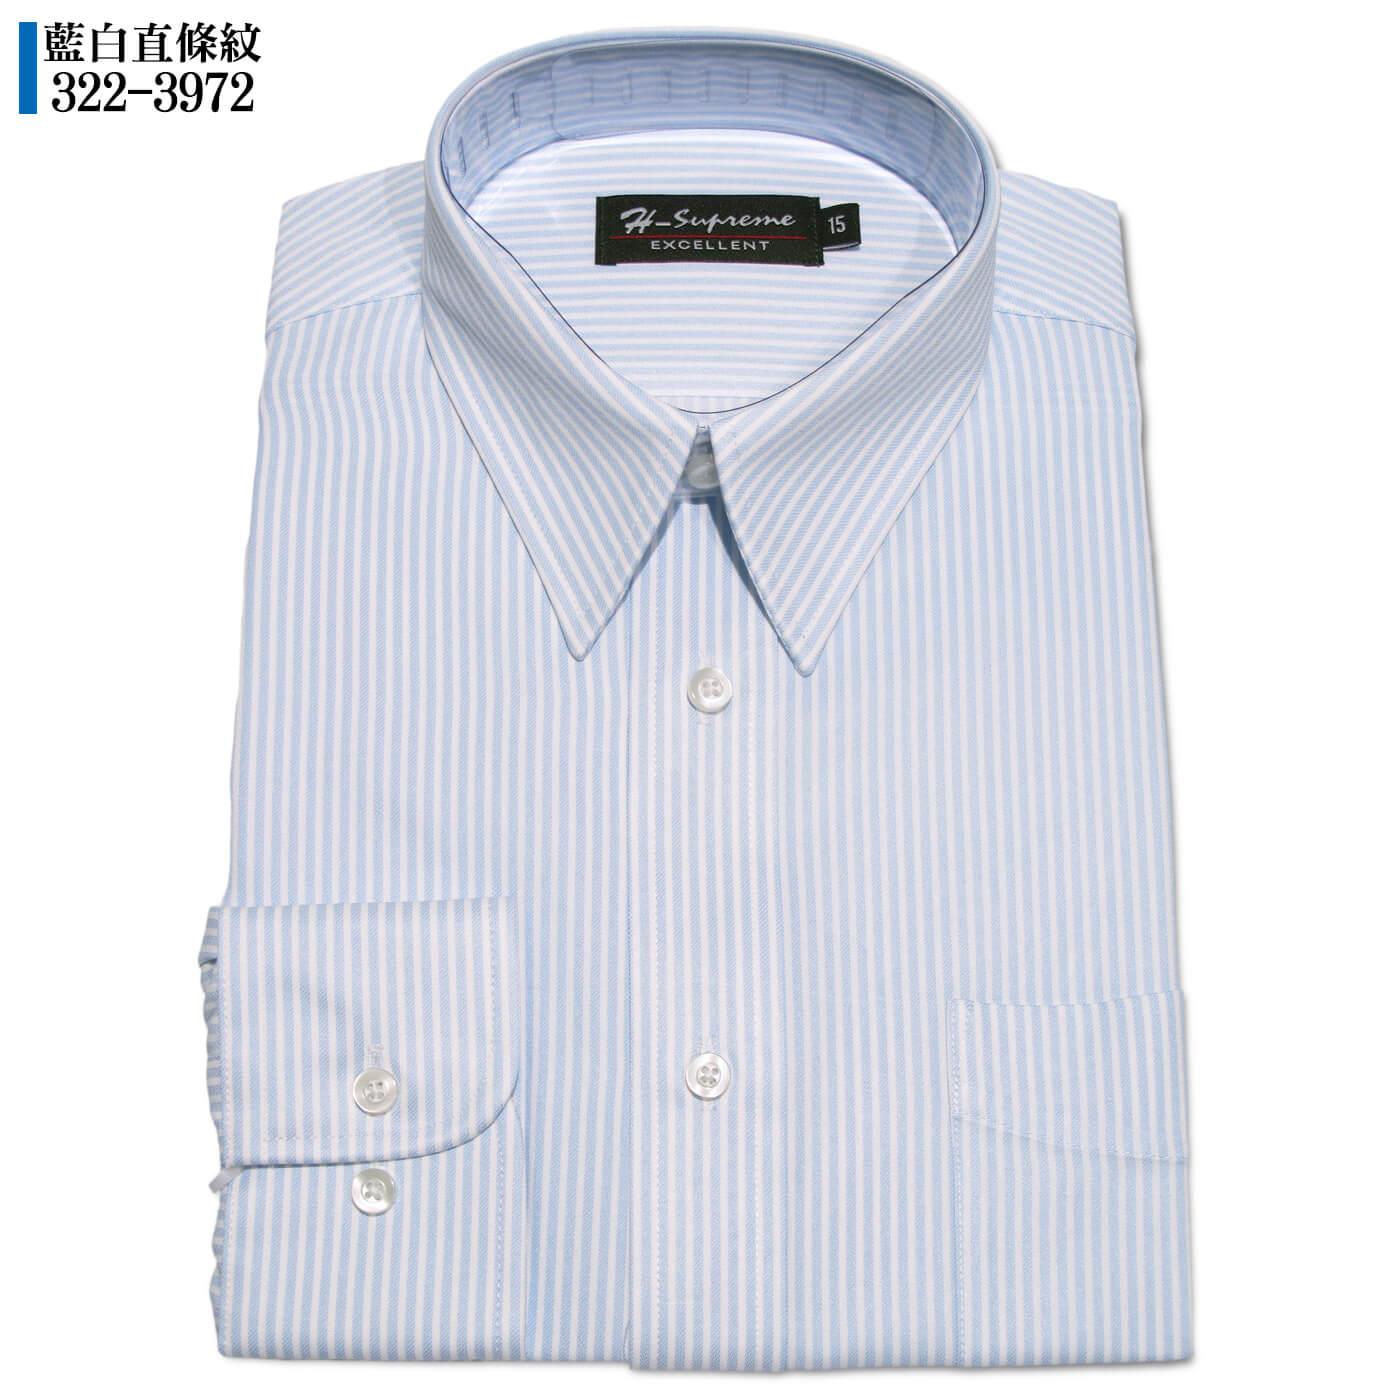 腰身剪裁防皺襯衫 吸濕排汗機能布料直條紋襯衫 柔軟舒適標準襯衫 正式襯衫 保暖襯衫 面試襯衫 上班族襯衫 商務襯衫 長袖襯衫 (322-3971)白色條紋、(322-3972)藍白條紋、(322-3976)藍點條紋、(322-3978)紫白條紋 領圍:15~18英吋 [實體店面保障] sun-e322 4